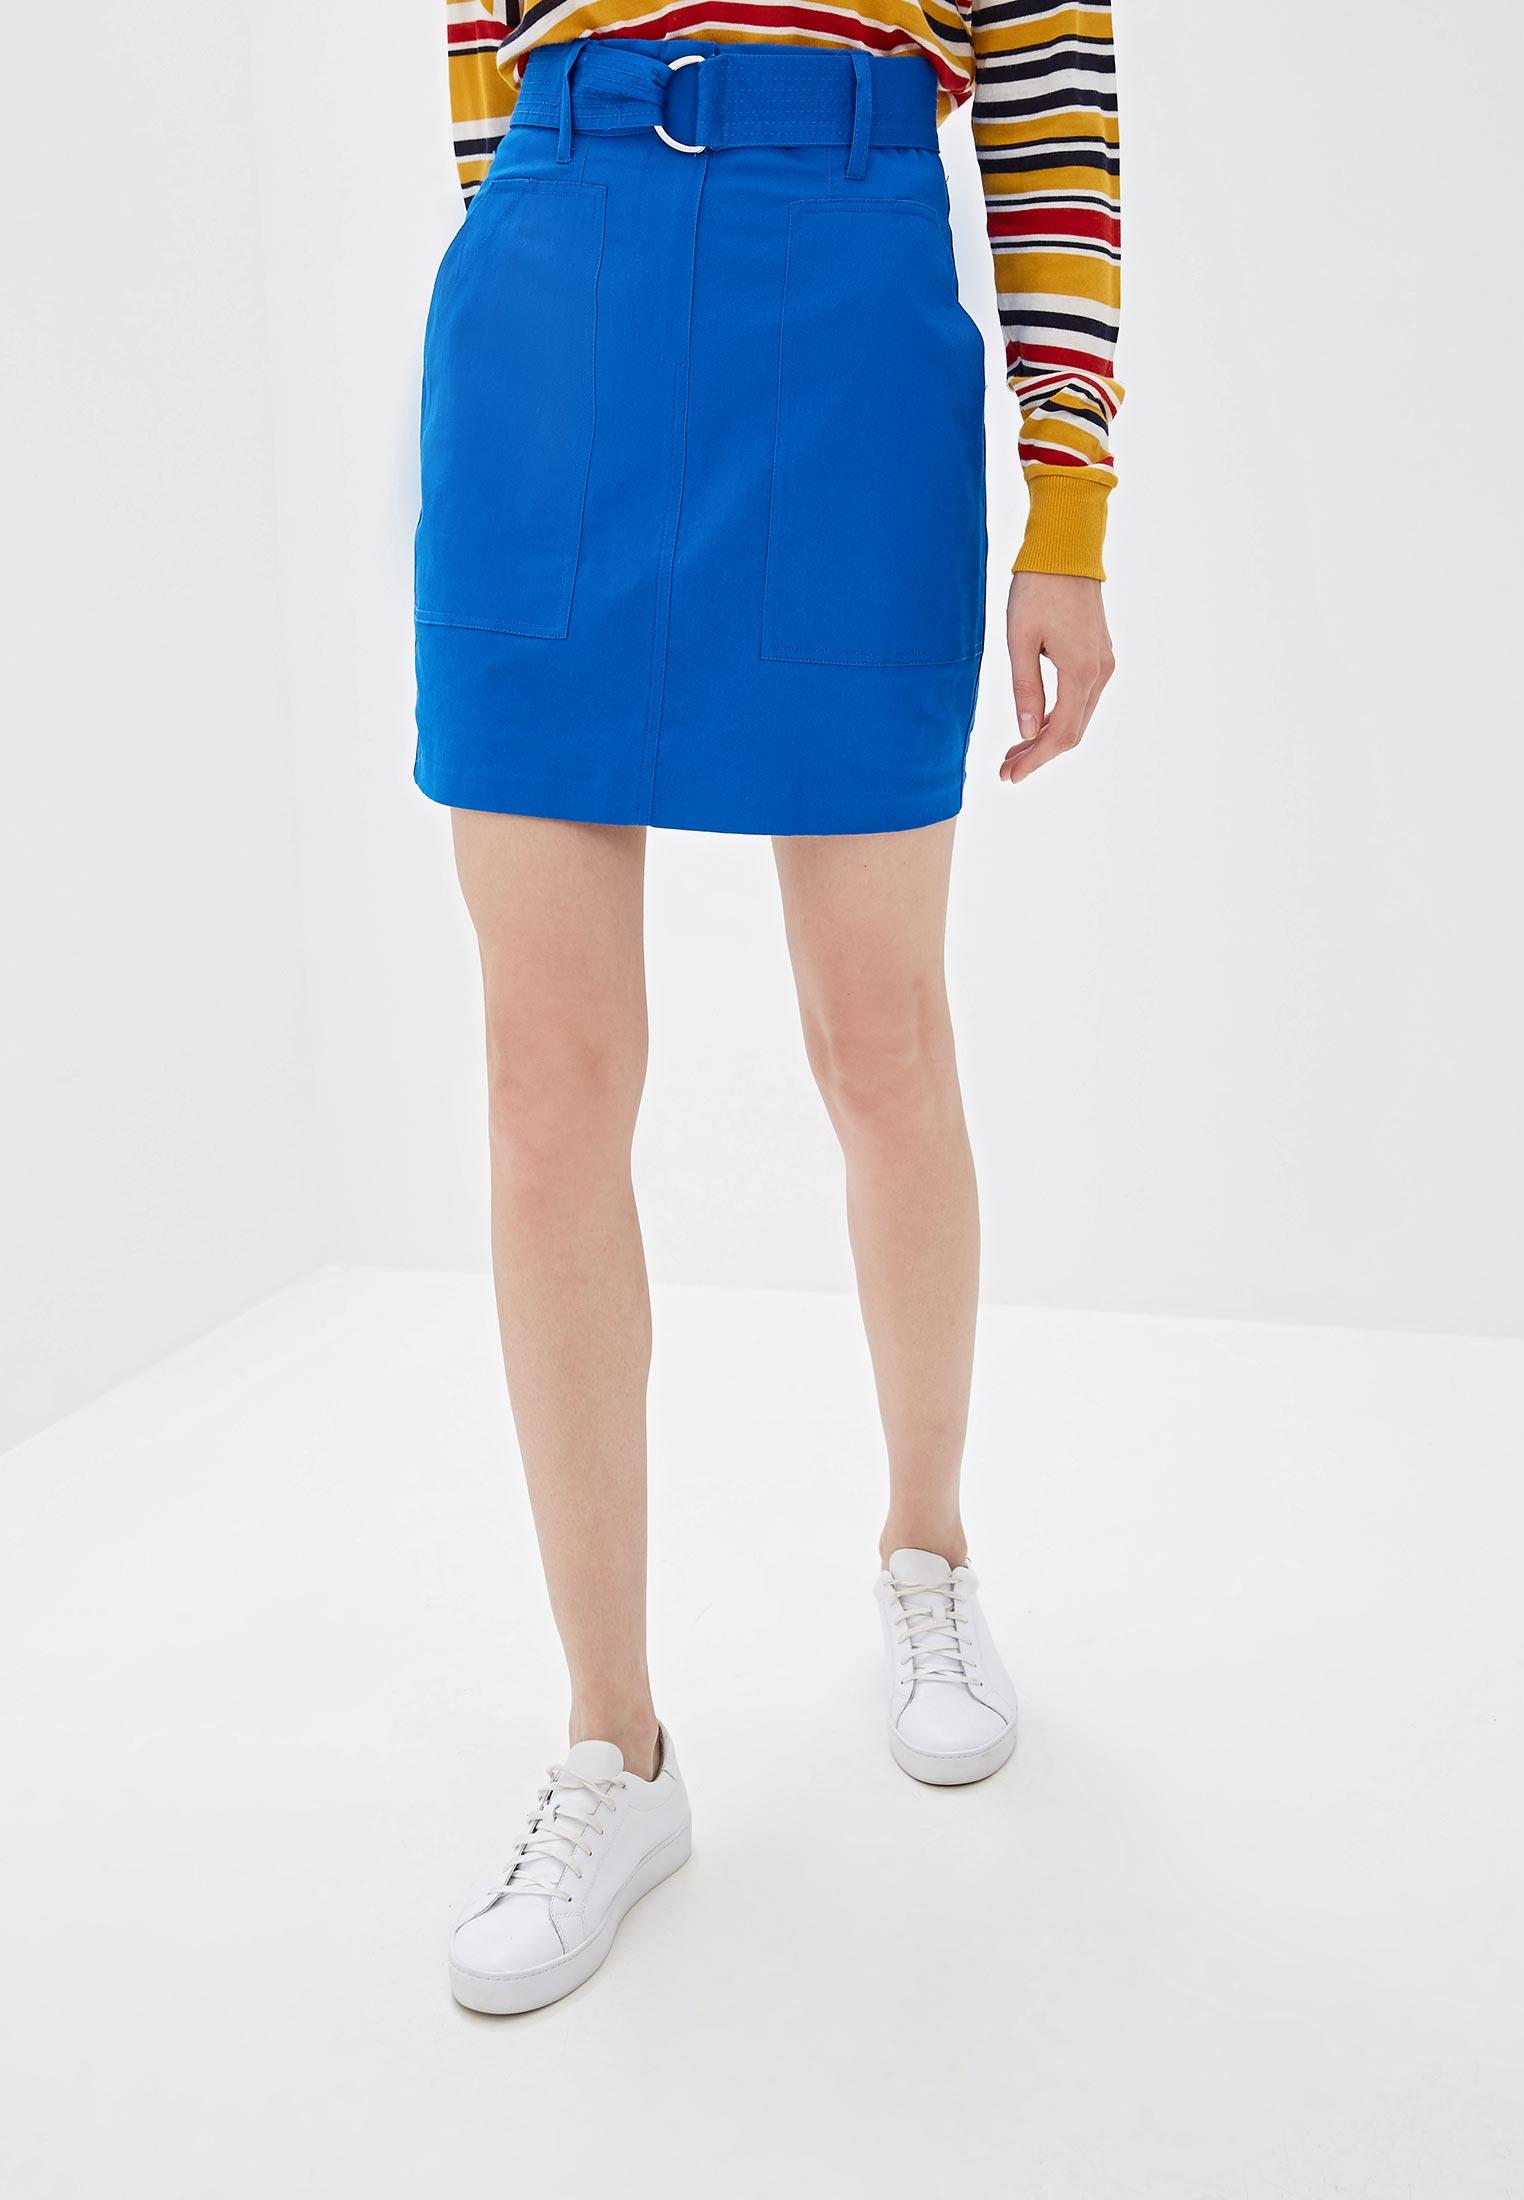 Прямая юбка Sela (Сэла) SK-318/861-9310